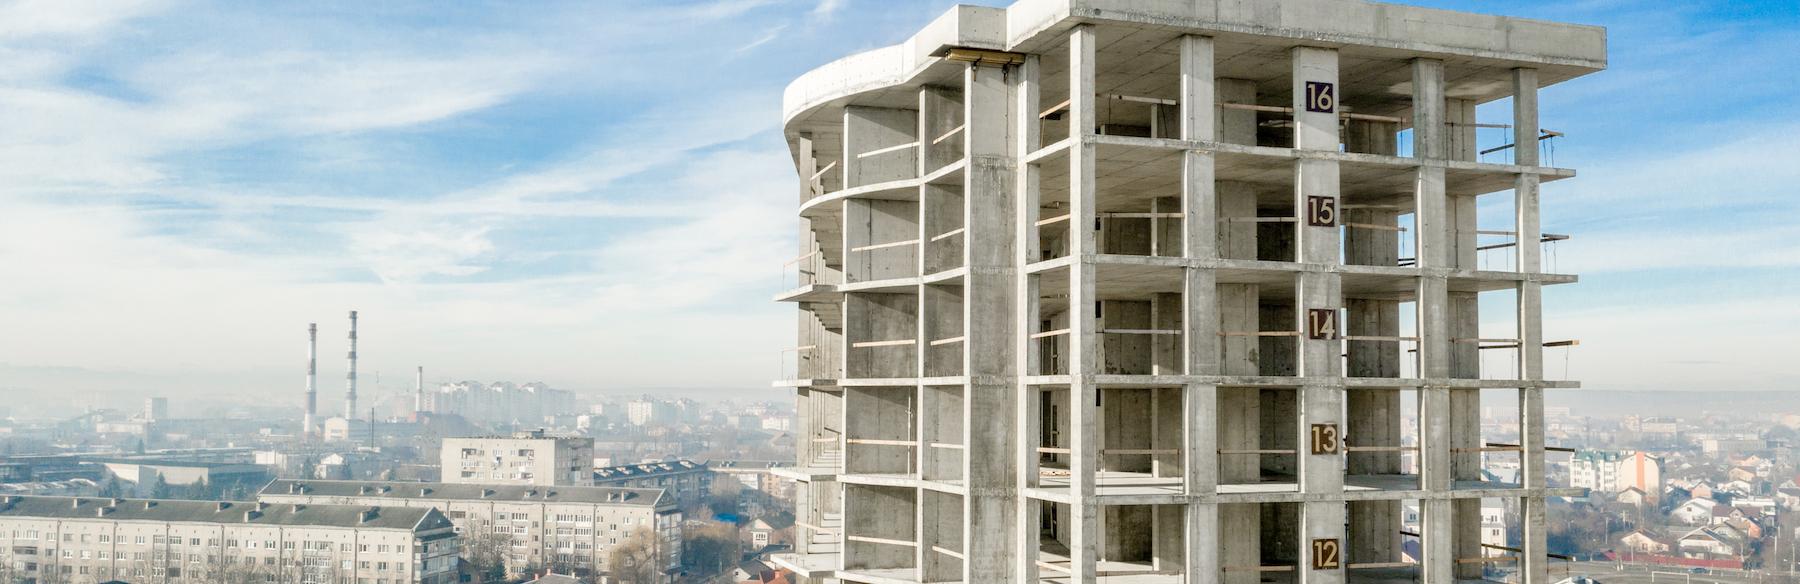 Soluciones eficiencia energética en edificación